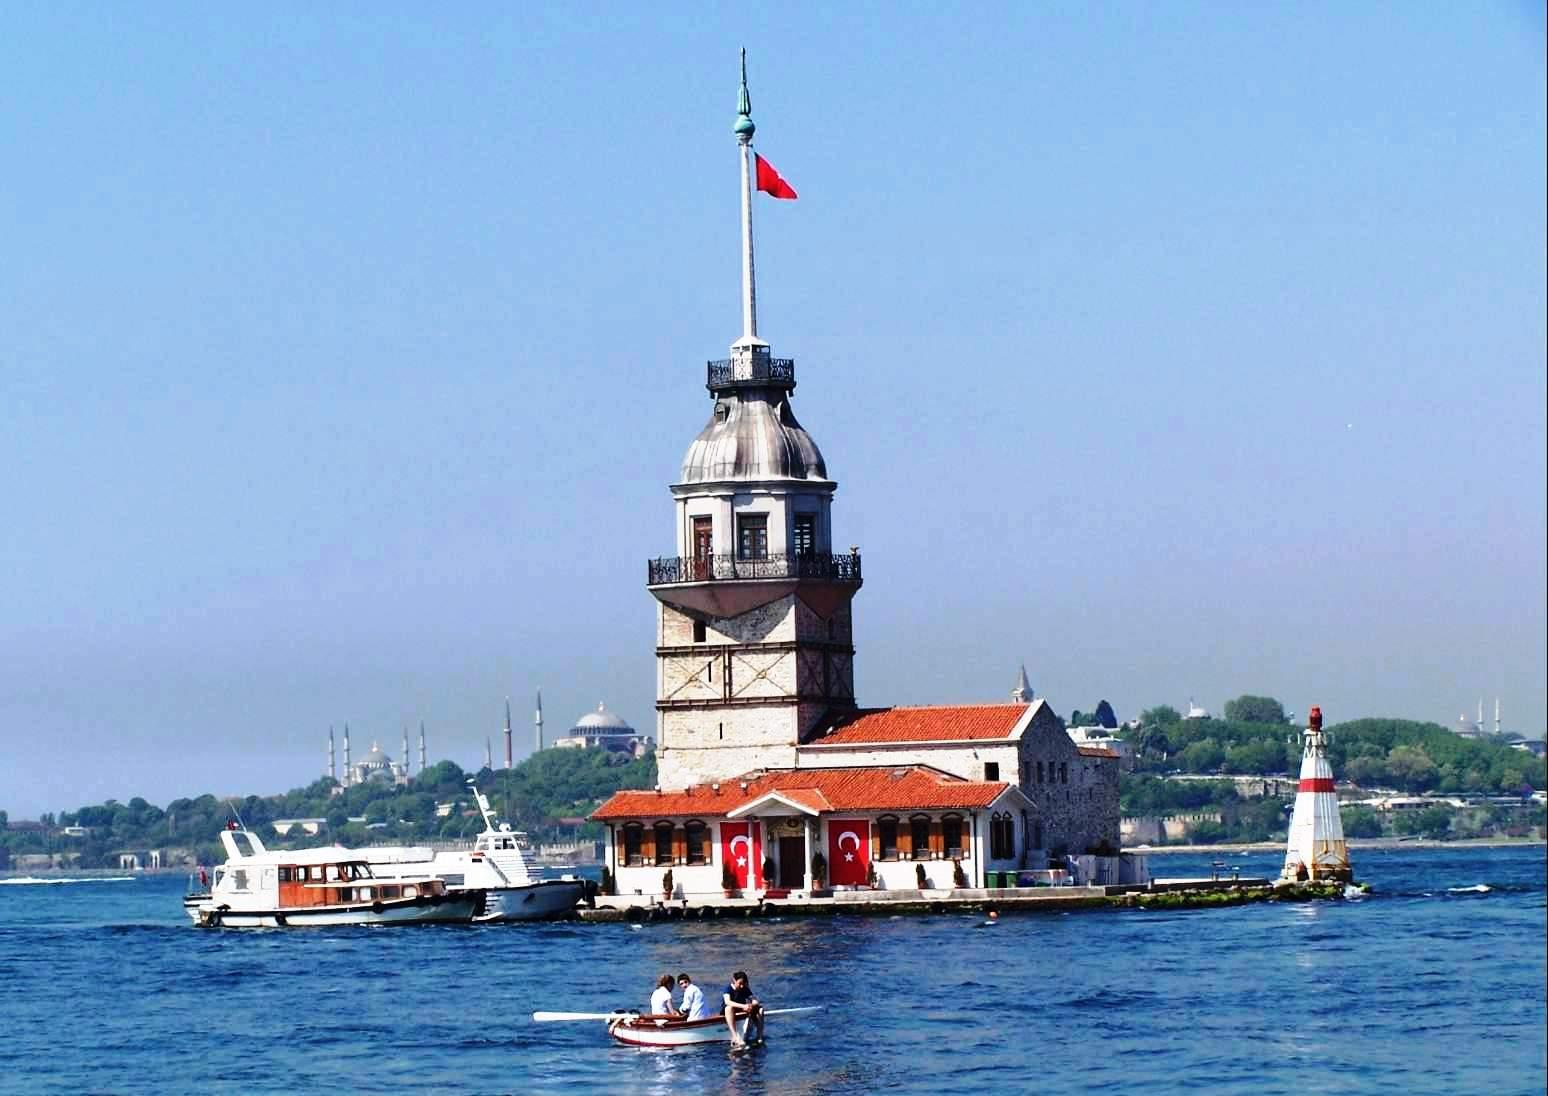 Leanderturm-Kiz Kulesi Istanbul-Türkei-Günstige Istanbul Hotels